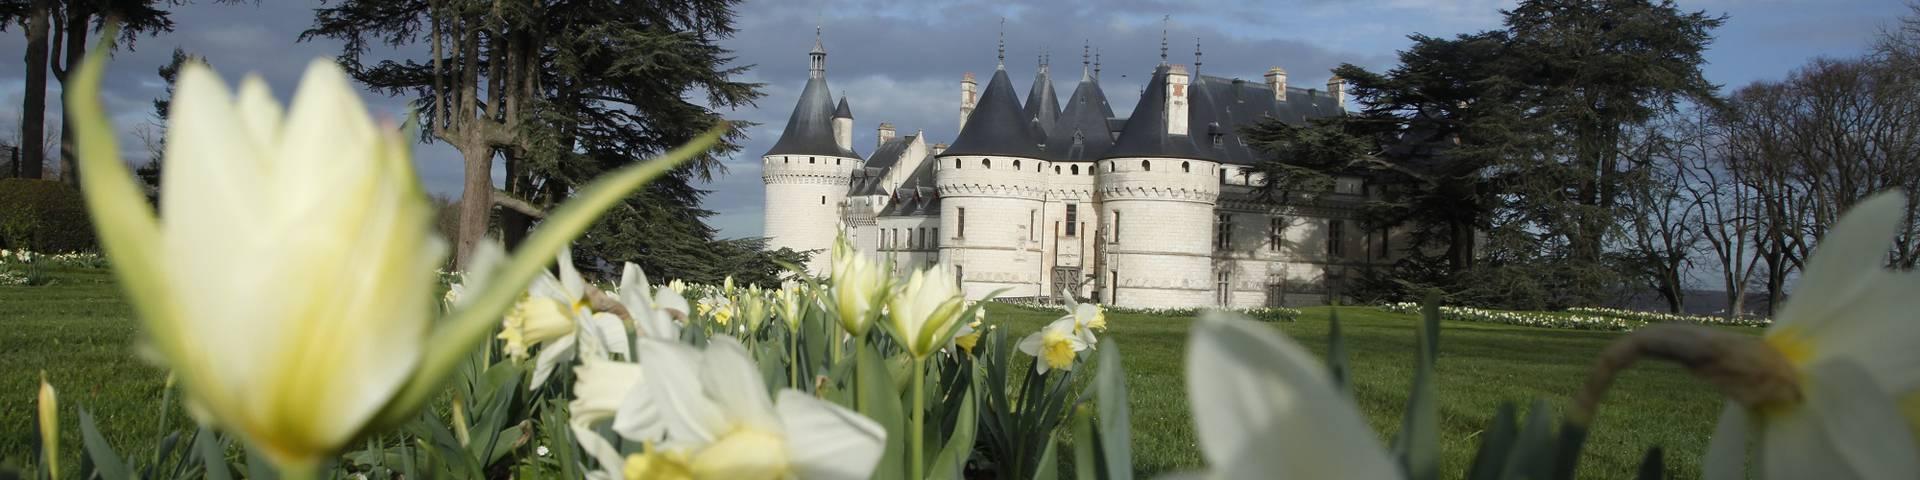 Festival Internacional de Jardines en Chaumont-sur-Loire. © E. Sander